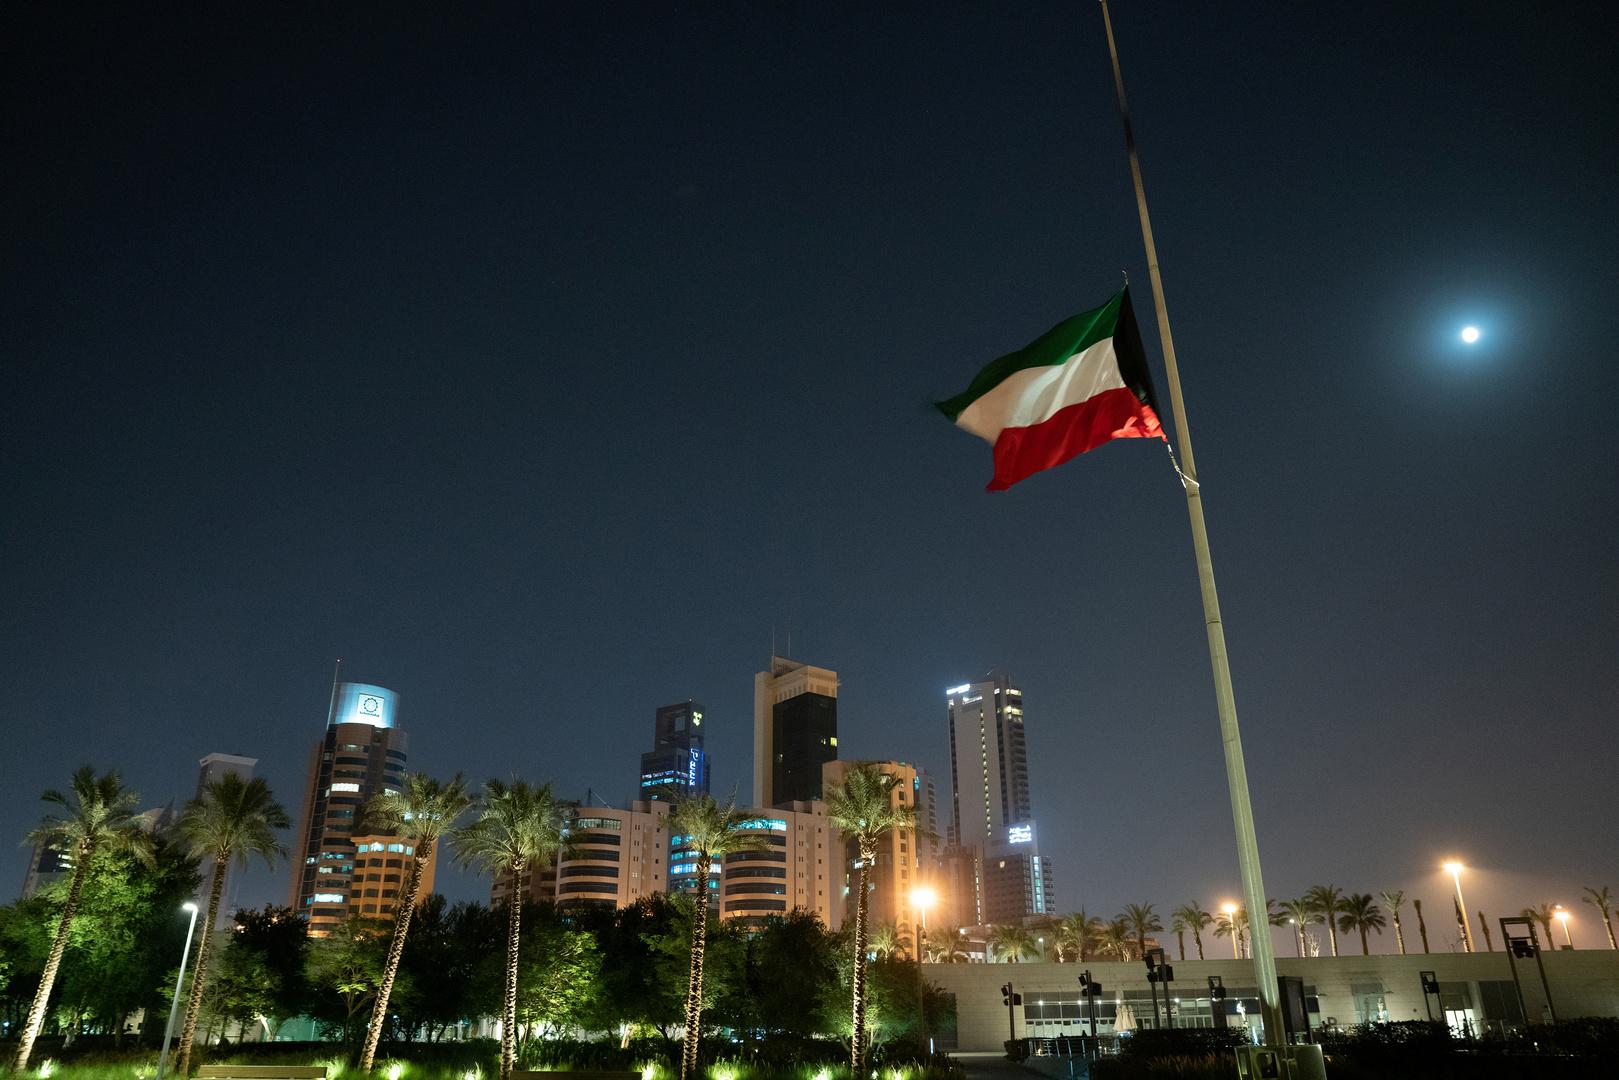 الكويت.. حريق هائل في سوق مركزي و150 رجل إطفاء يشارك في السيطرة عليه